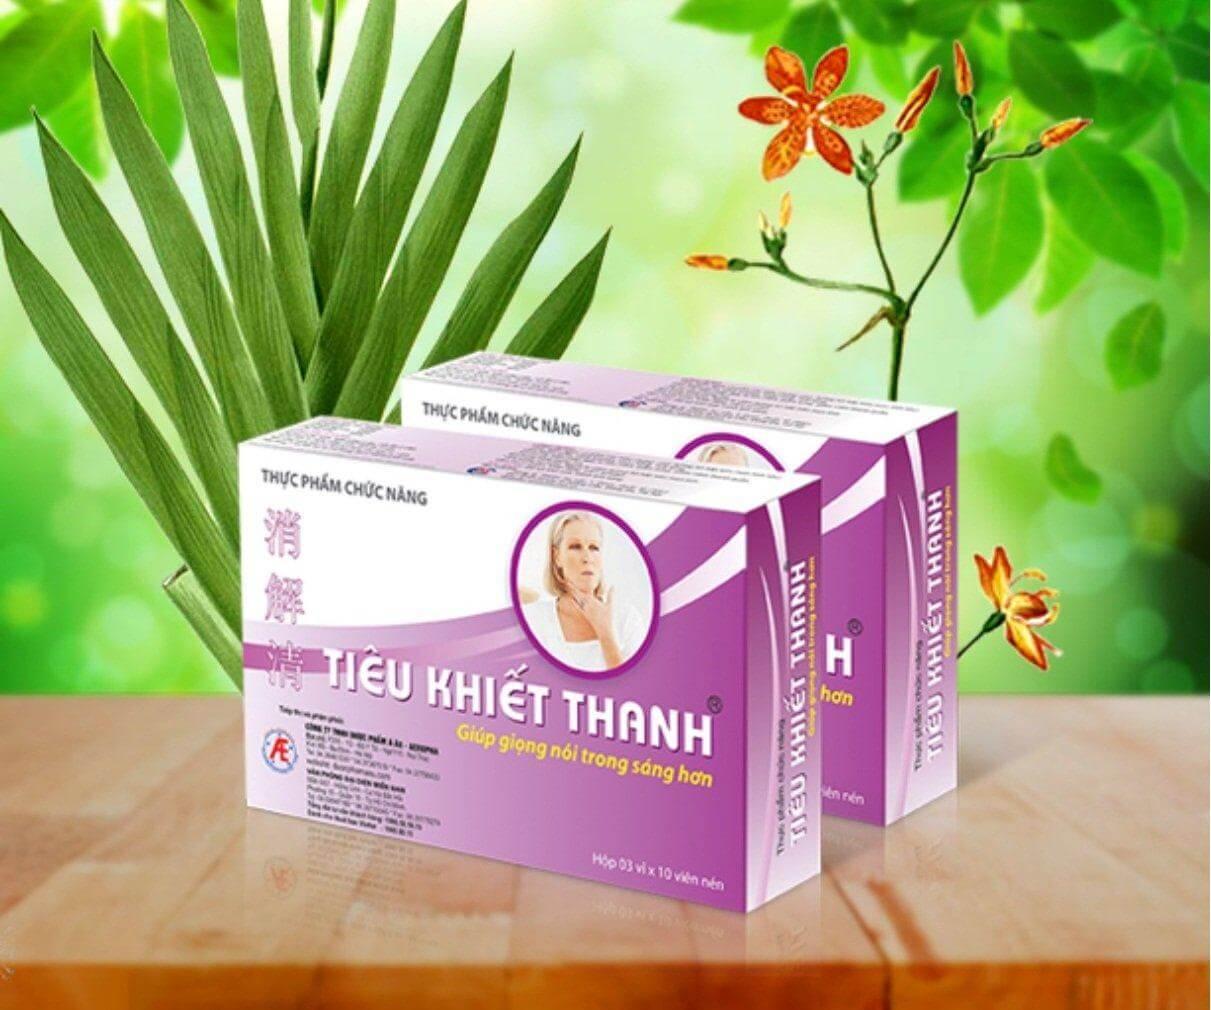 Dùng sản phẩm đúng cách để phòng và chữa viêm thanh quản